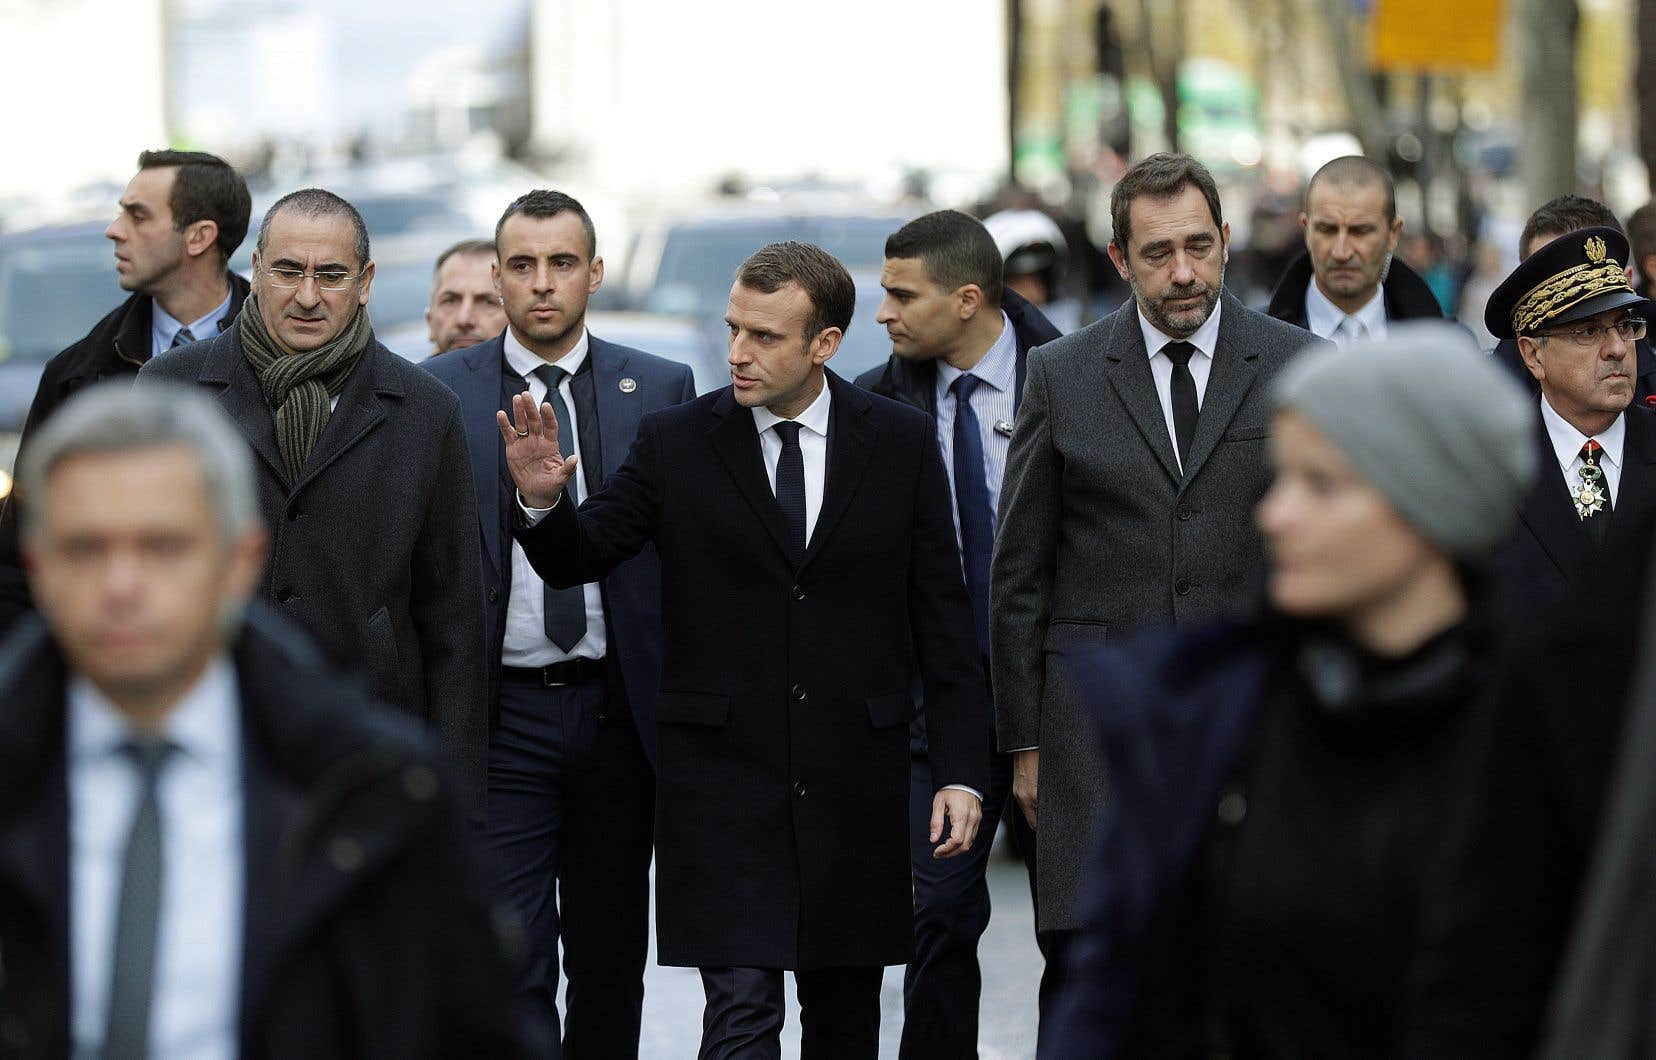 Le président de la République aux côtés notamment de son ministre de l'Intérieur, Christophe Castaner (à droite), à Paris, au lendemain des émeutes du 1erdécembre